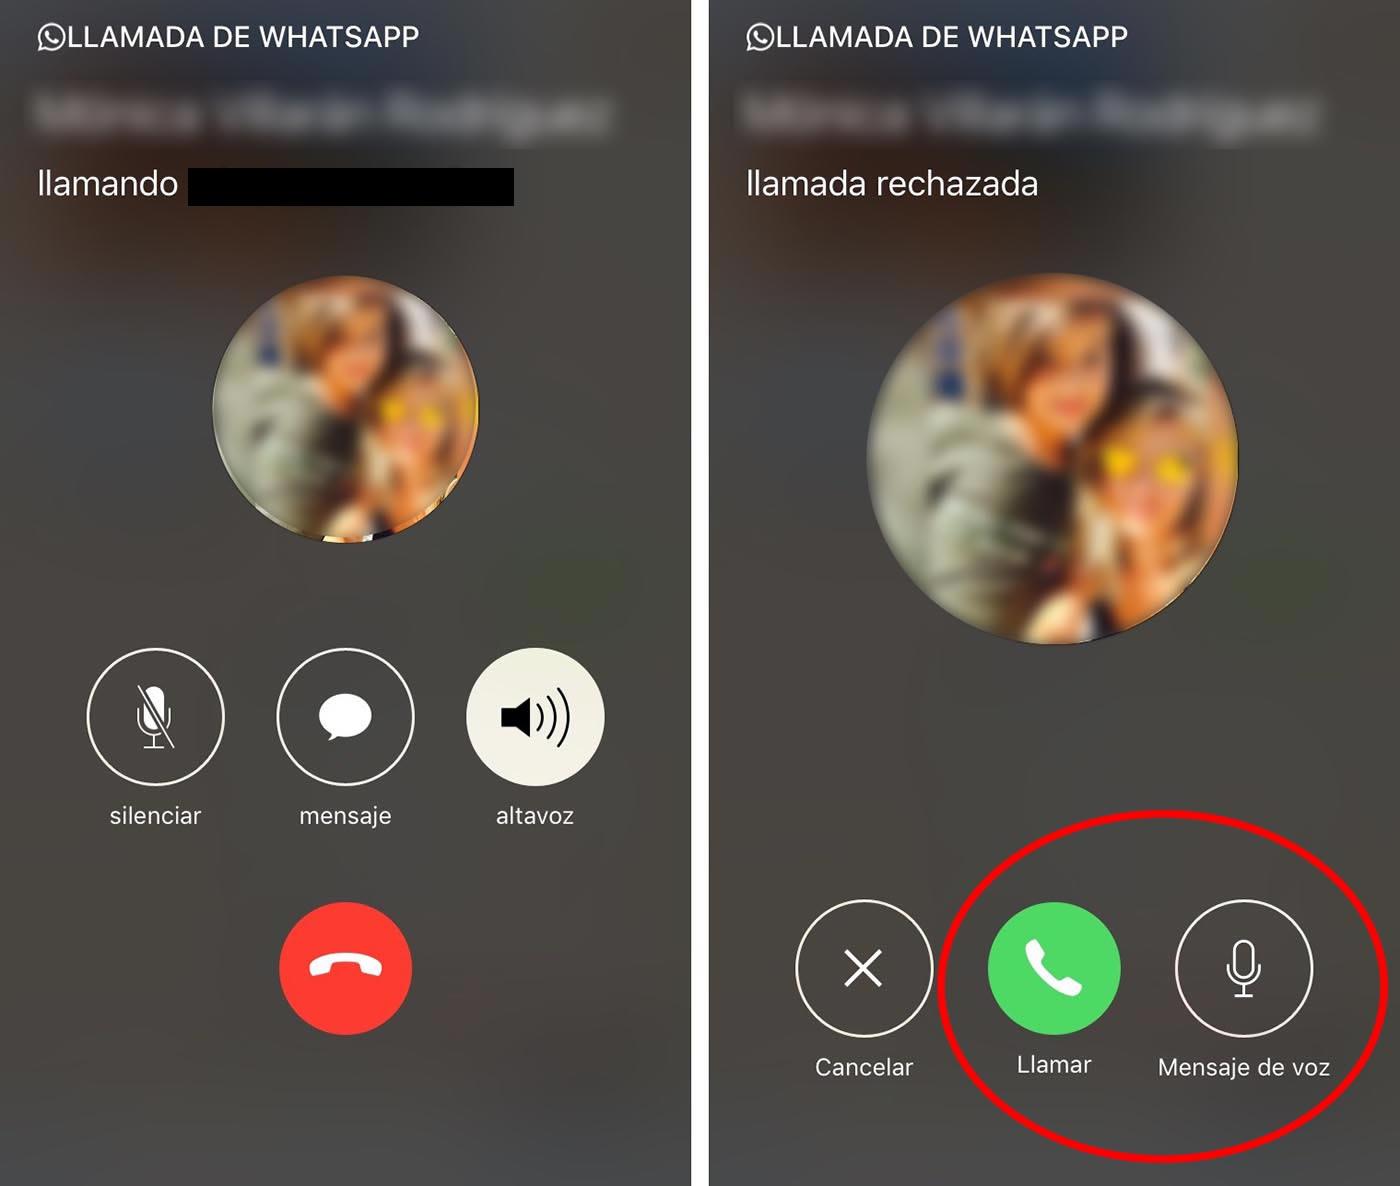 Buzón de Voz en Whatsapp